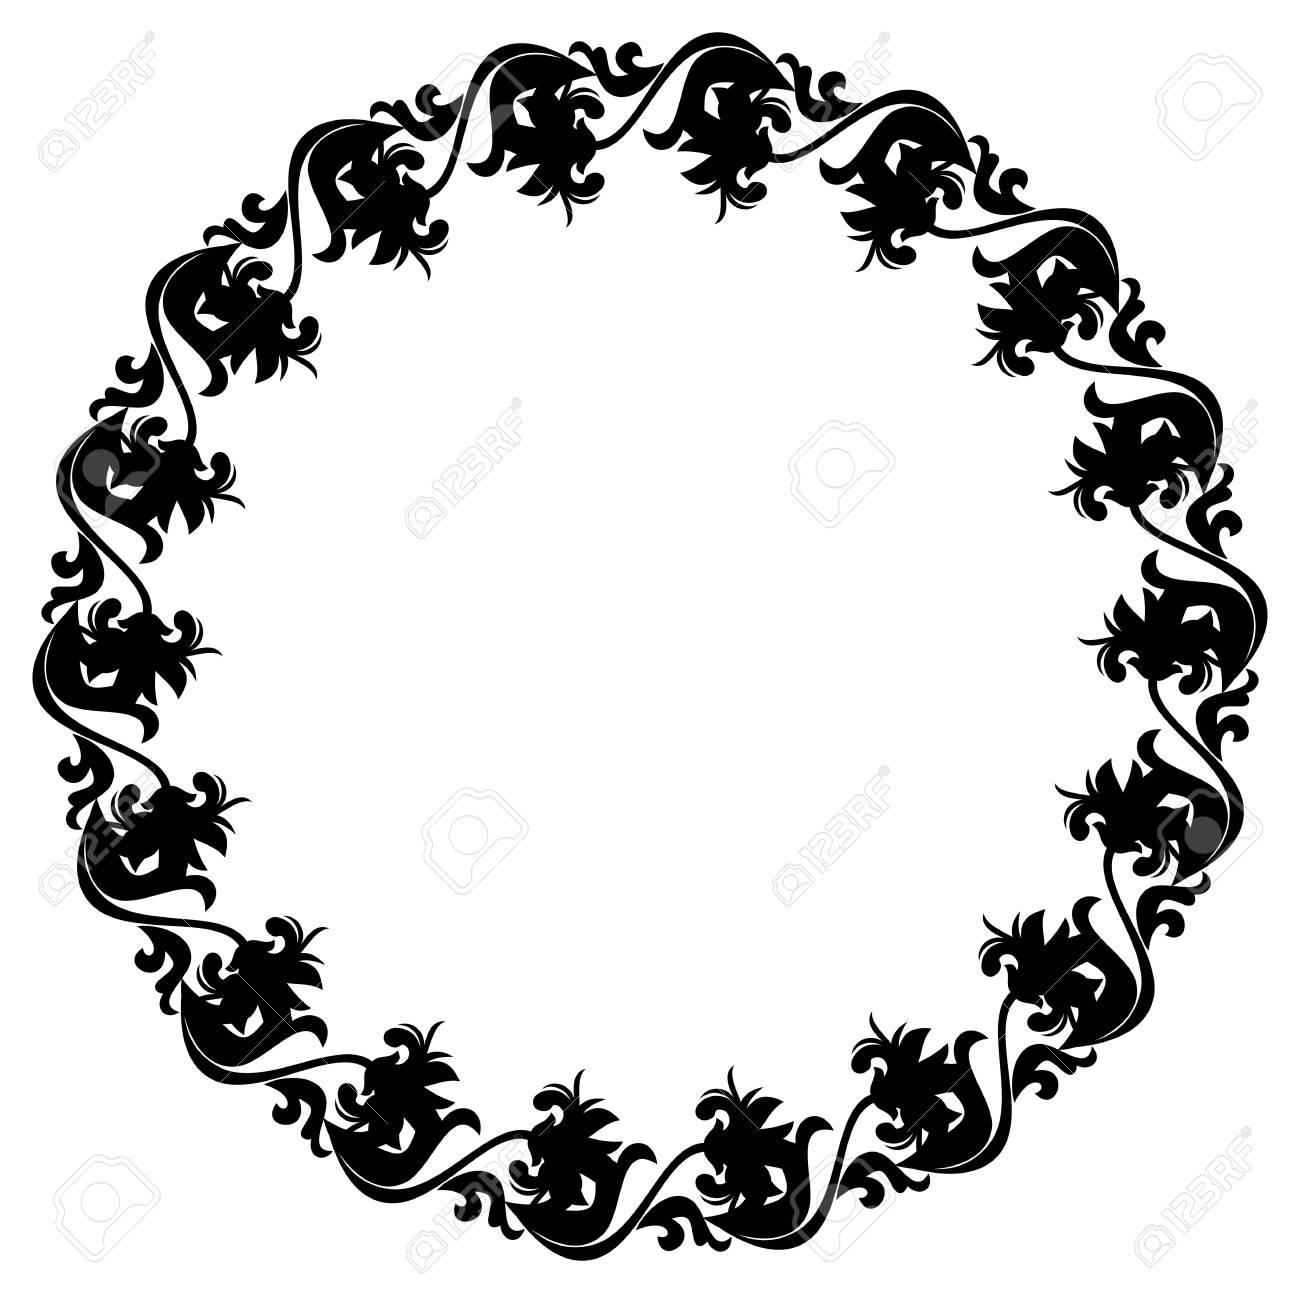 a55f3dab32 Archivio Fotografico - In bianco e nero silhouette cornice rotonda con  fiori decorativi. Vettore clip art.